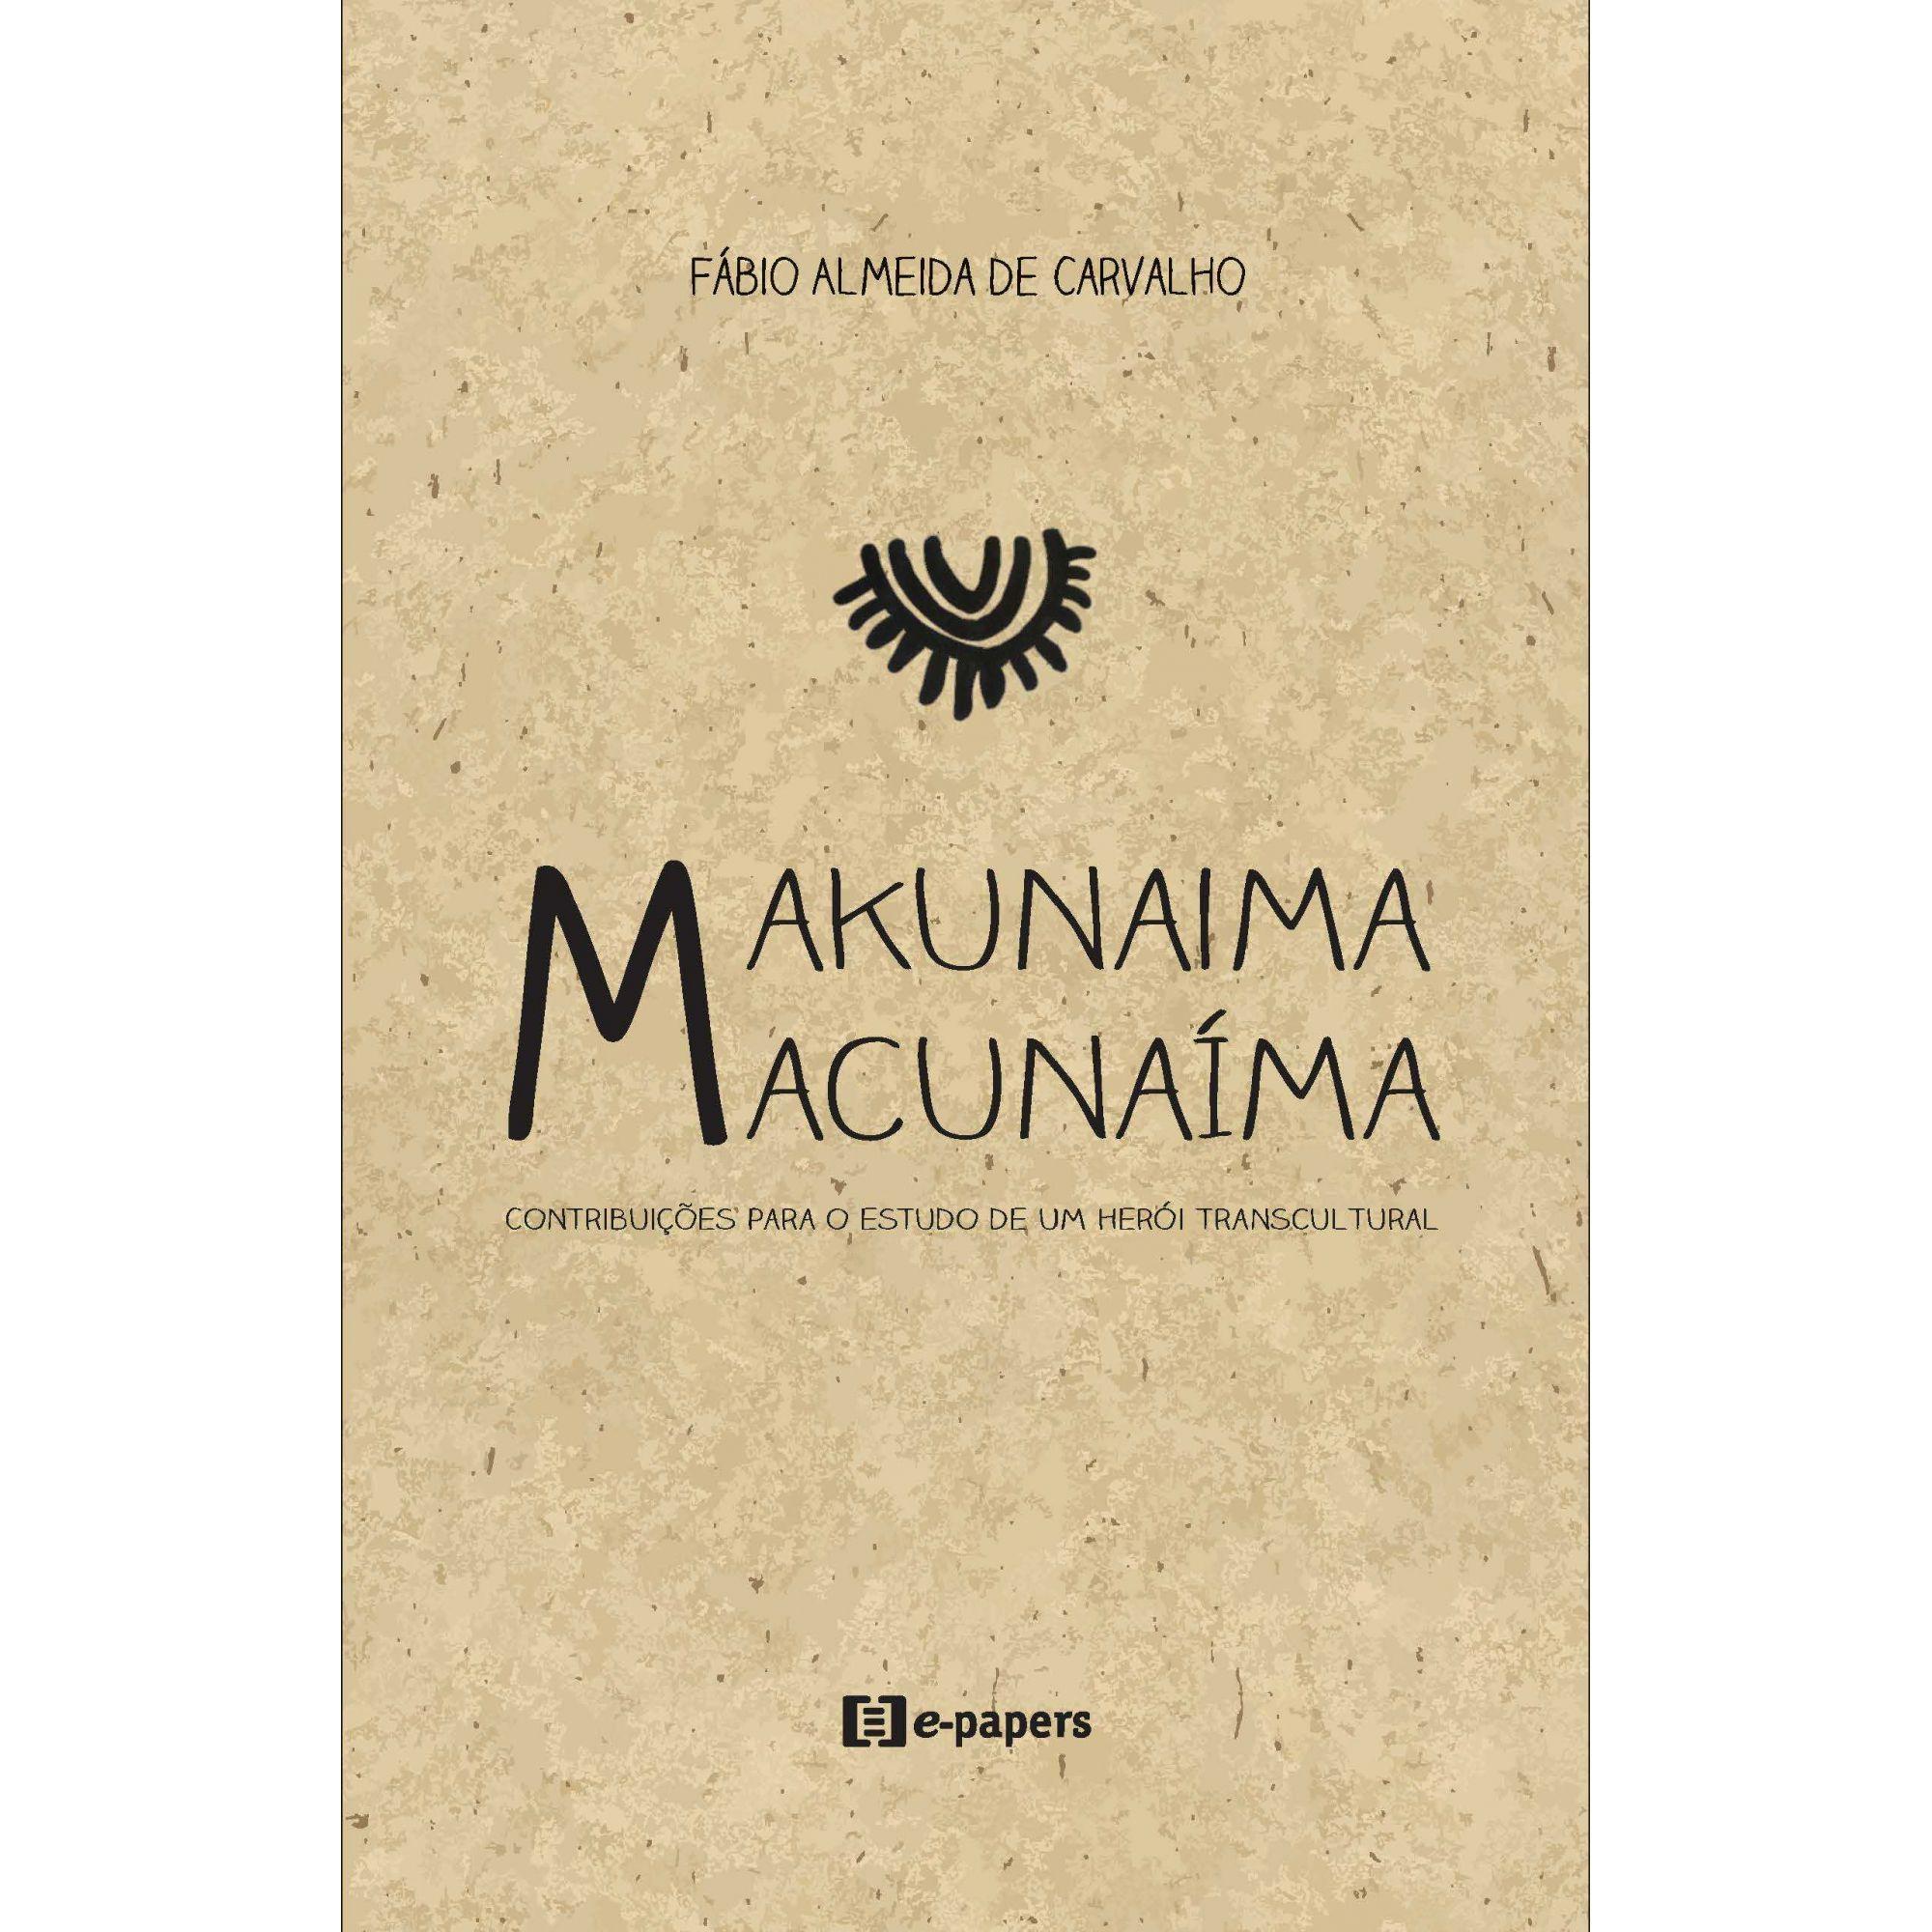 Makunaima / Macunaíma: Contribuições para o estudo de um herói transcultural